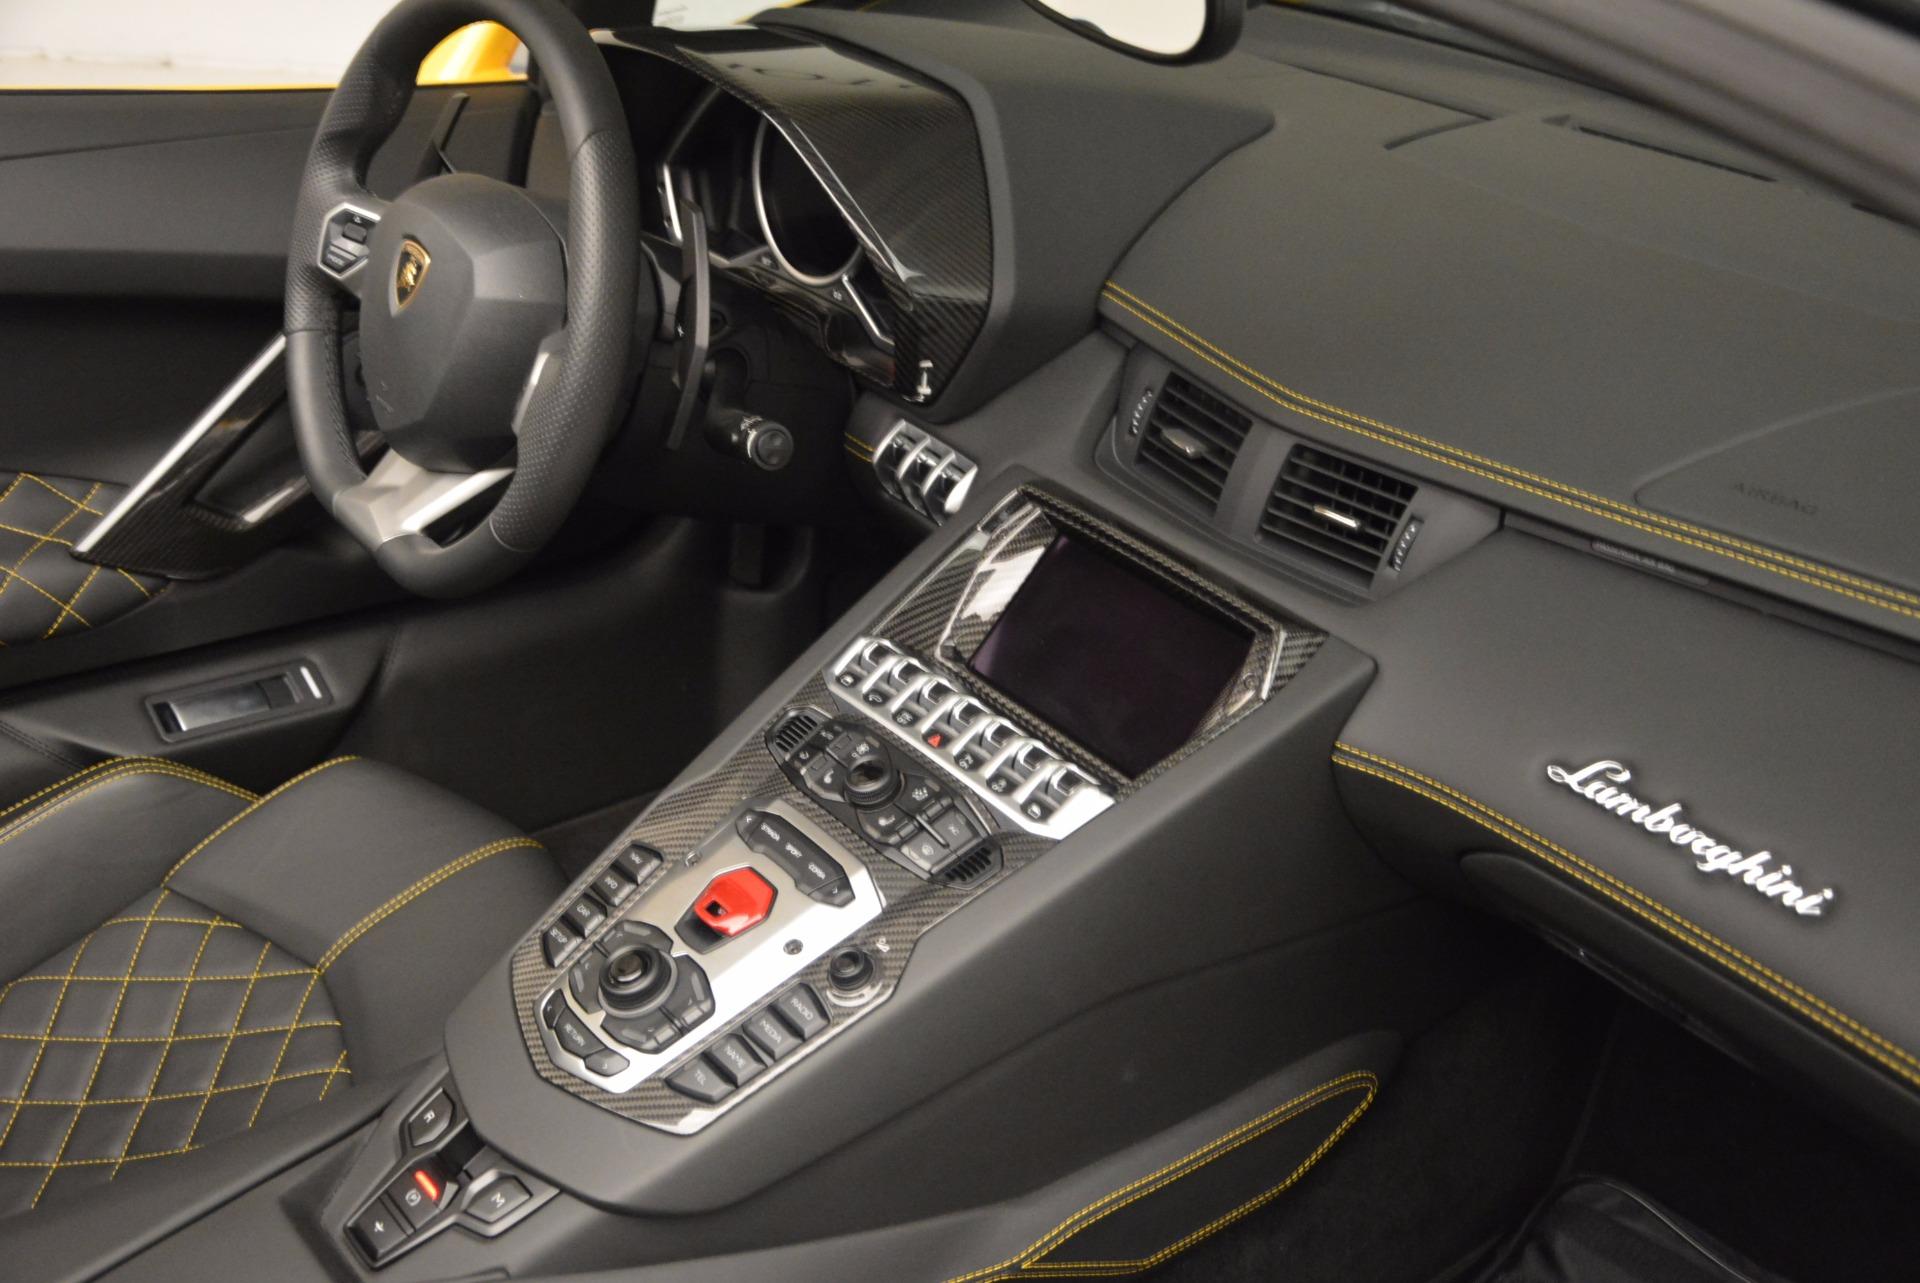 Used 2015 Lamborghini Aventador LP 700-4 Roadster For Sale In Greenwich, CT 1774_p26